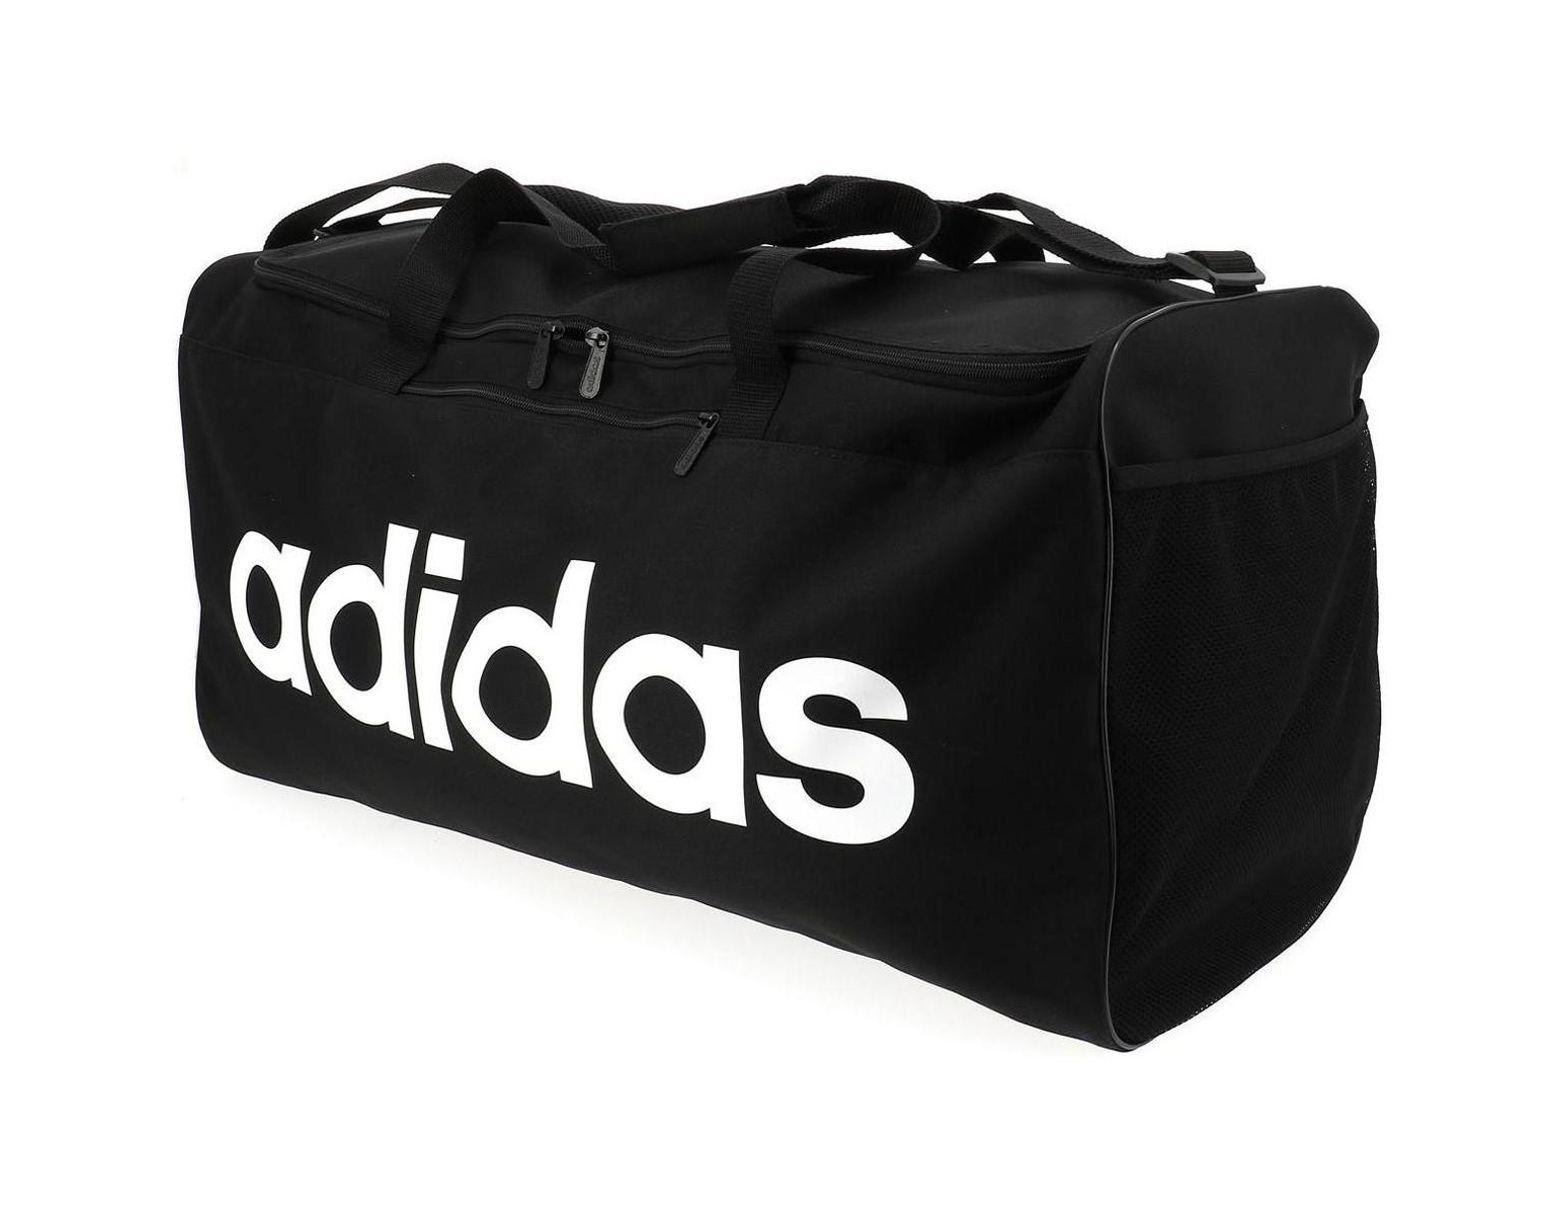 Core Noir L Hommes Sac En Blackwht De Lin Adidas Pour Duf Sport xBrdeWQCo